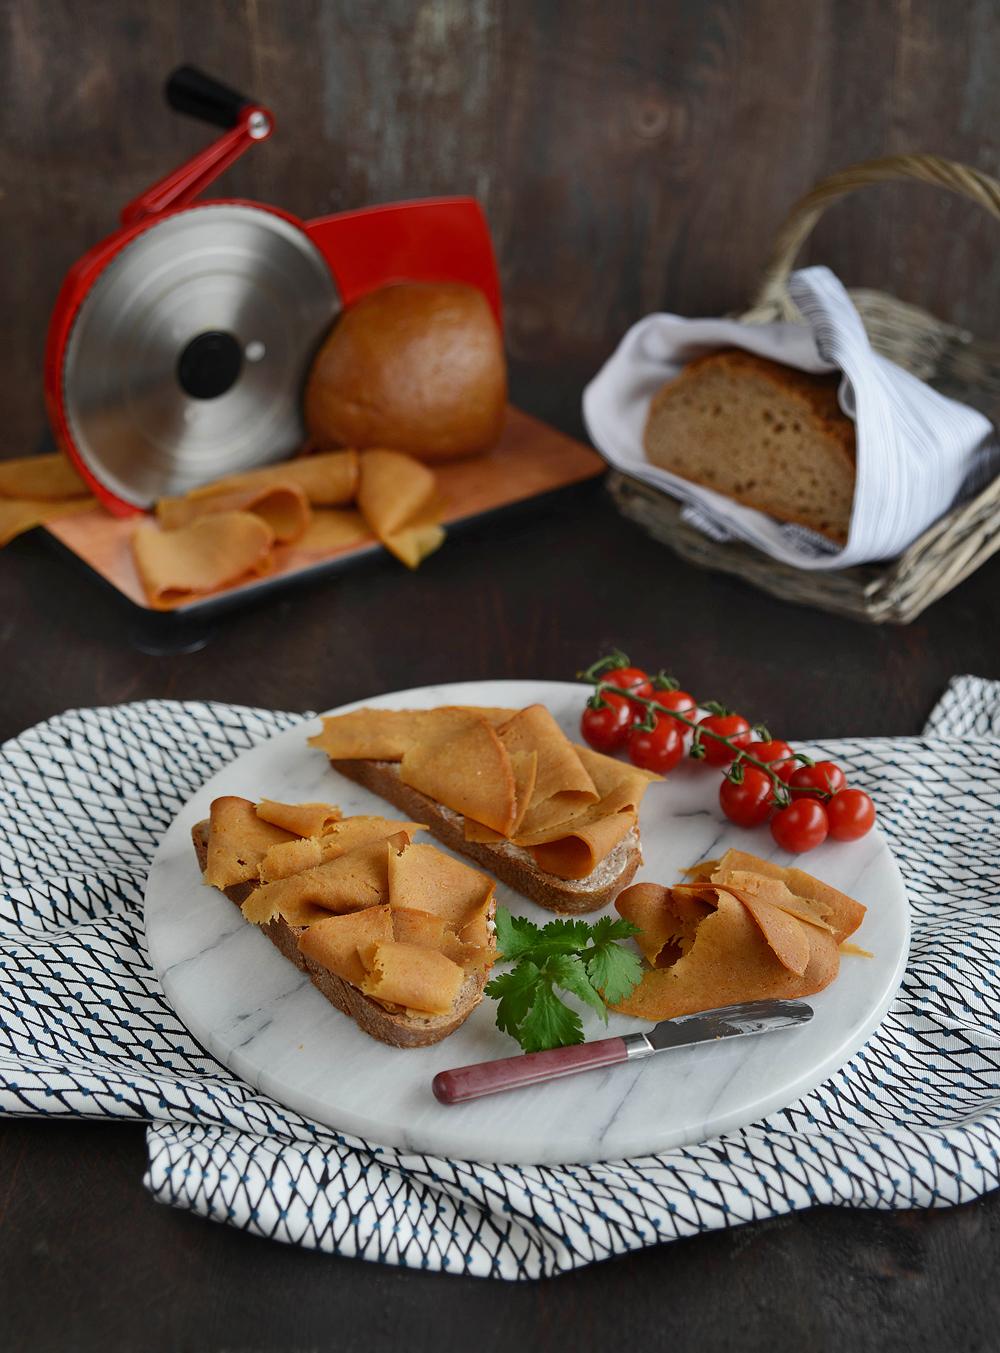 Peut-on être végane et aimer la viande et le fromage - antigone21.com